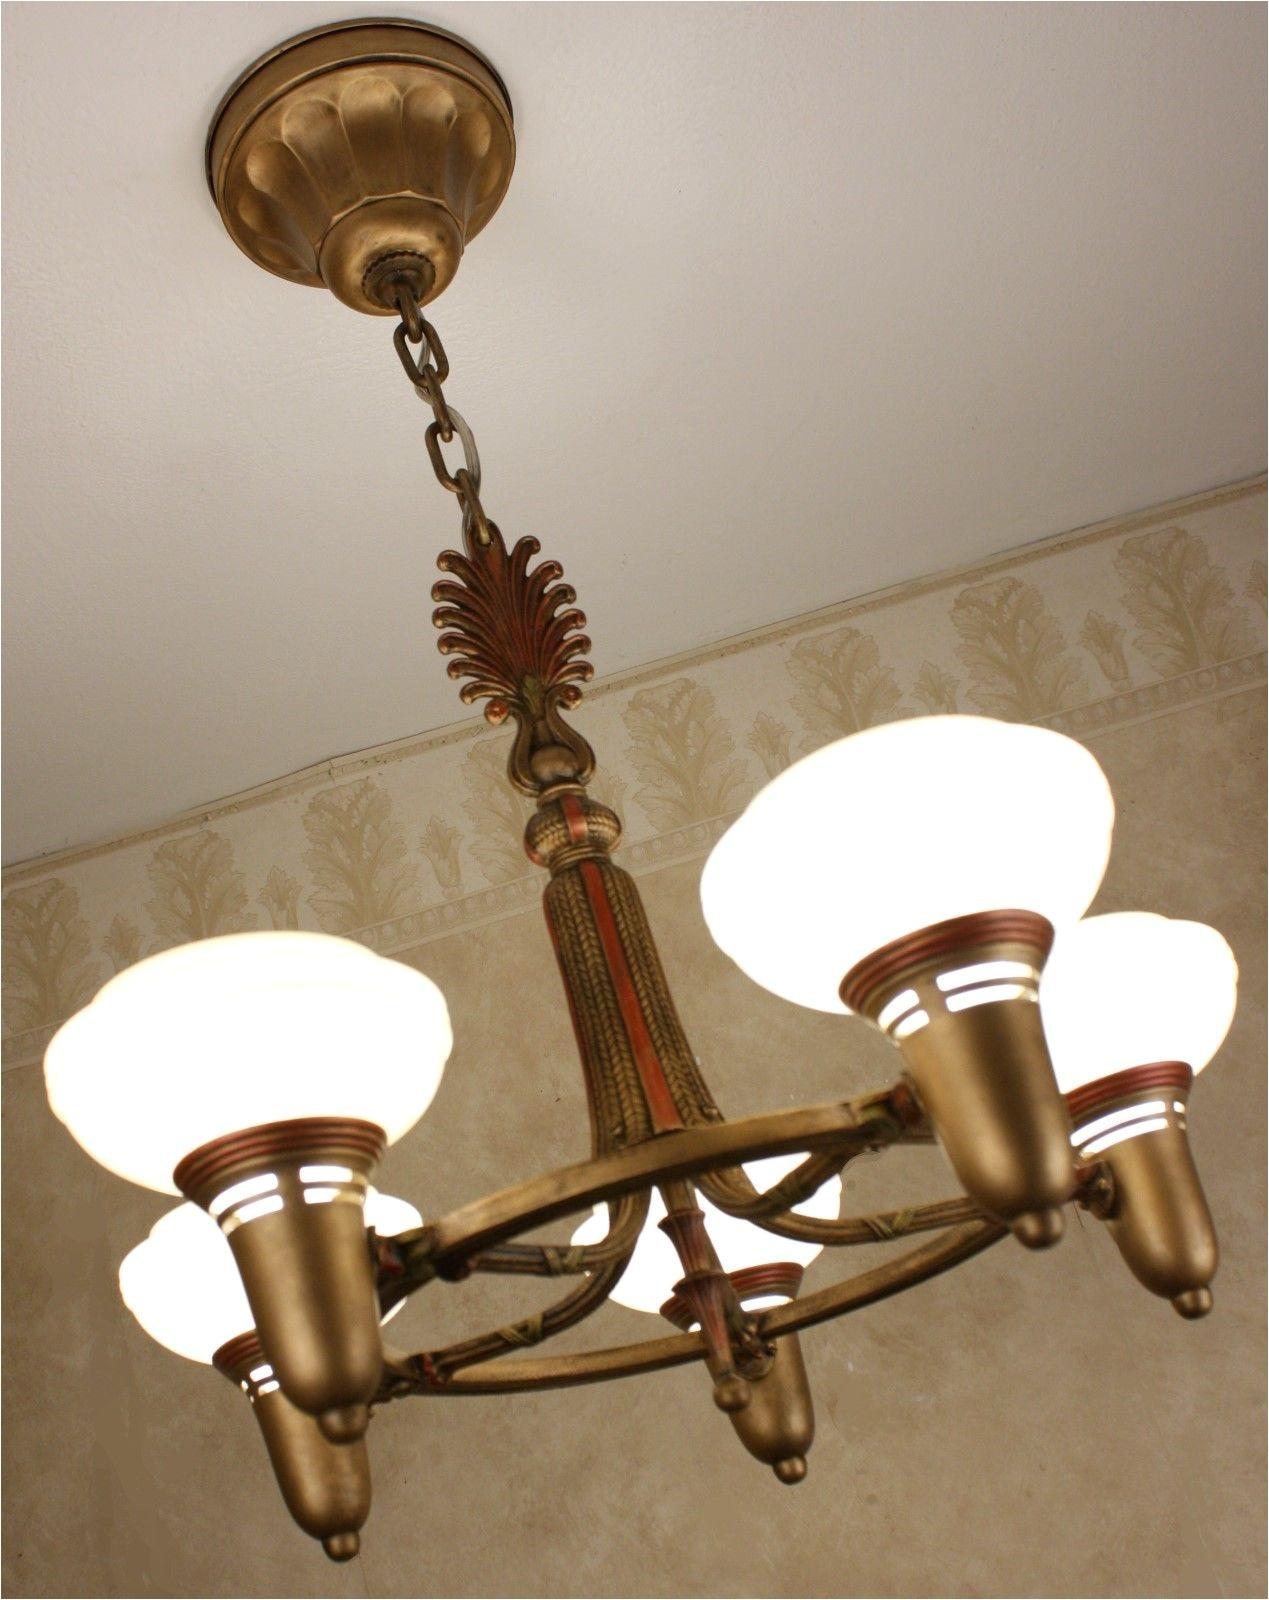 Antique 1920 Ceiling Light Fixtures Antique Rare 1920s Antique Vintage Art Deco Ceiling Light Fixture